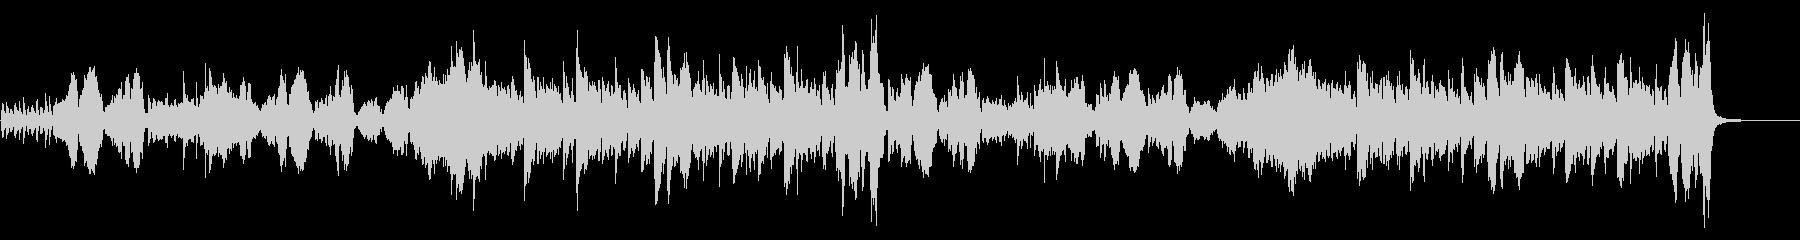 チャイコフスキー「花のワルツ」のカバーの未再生の波形